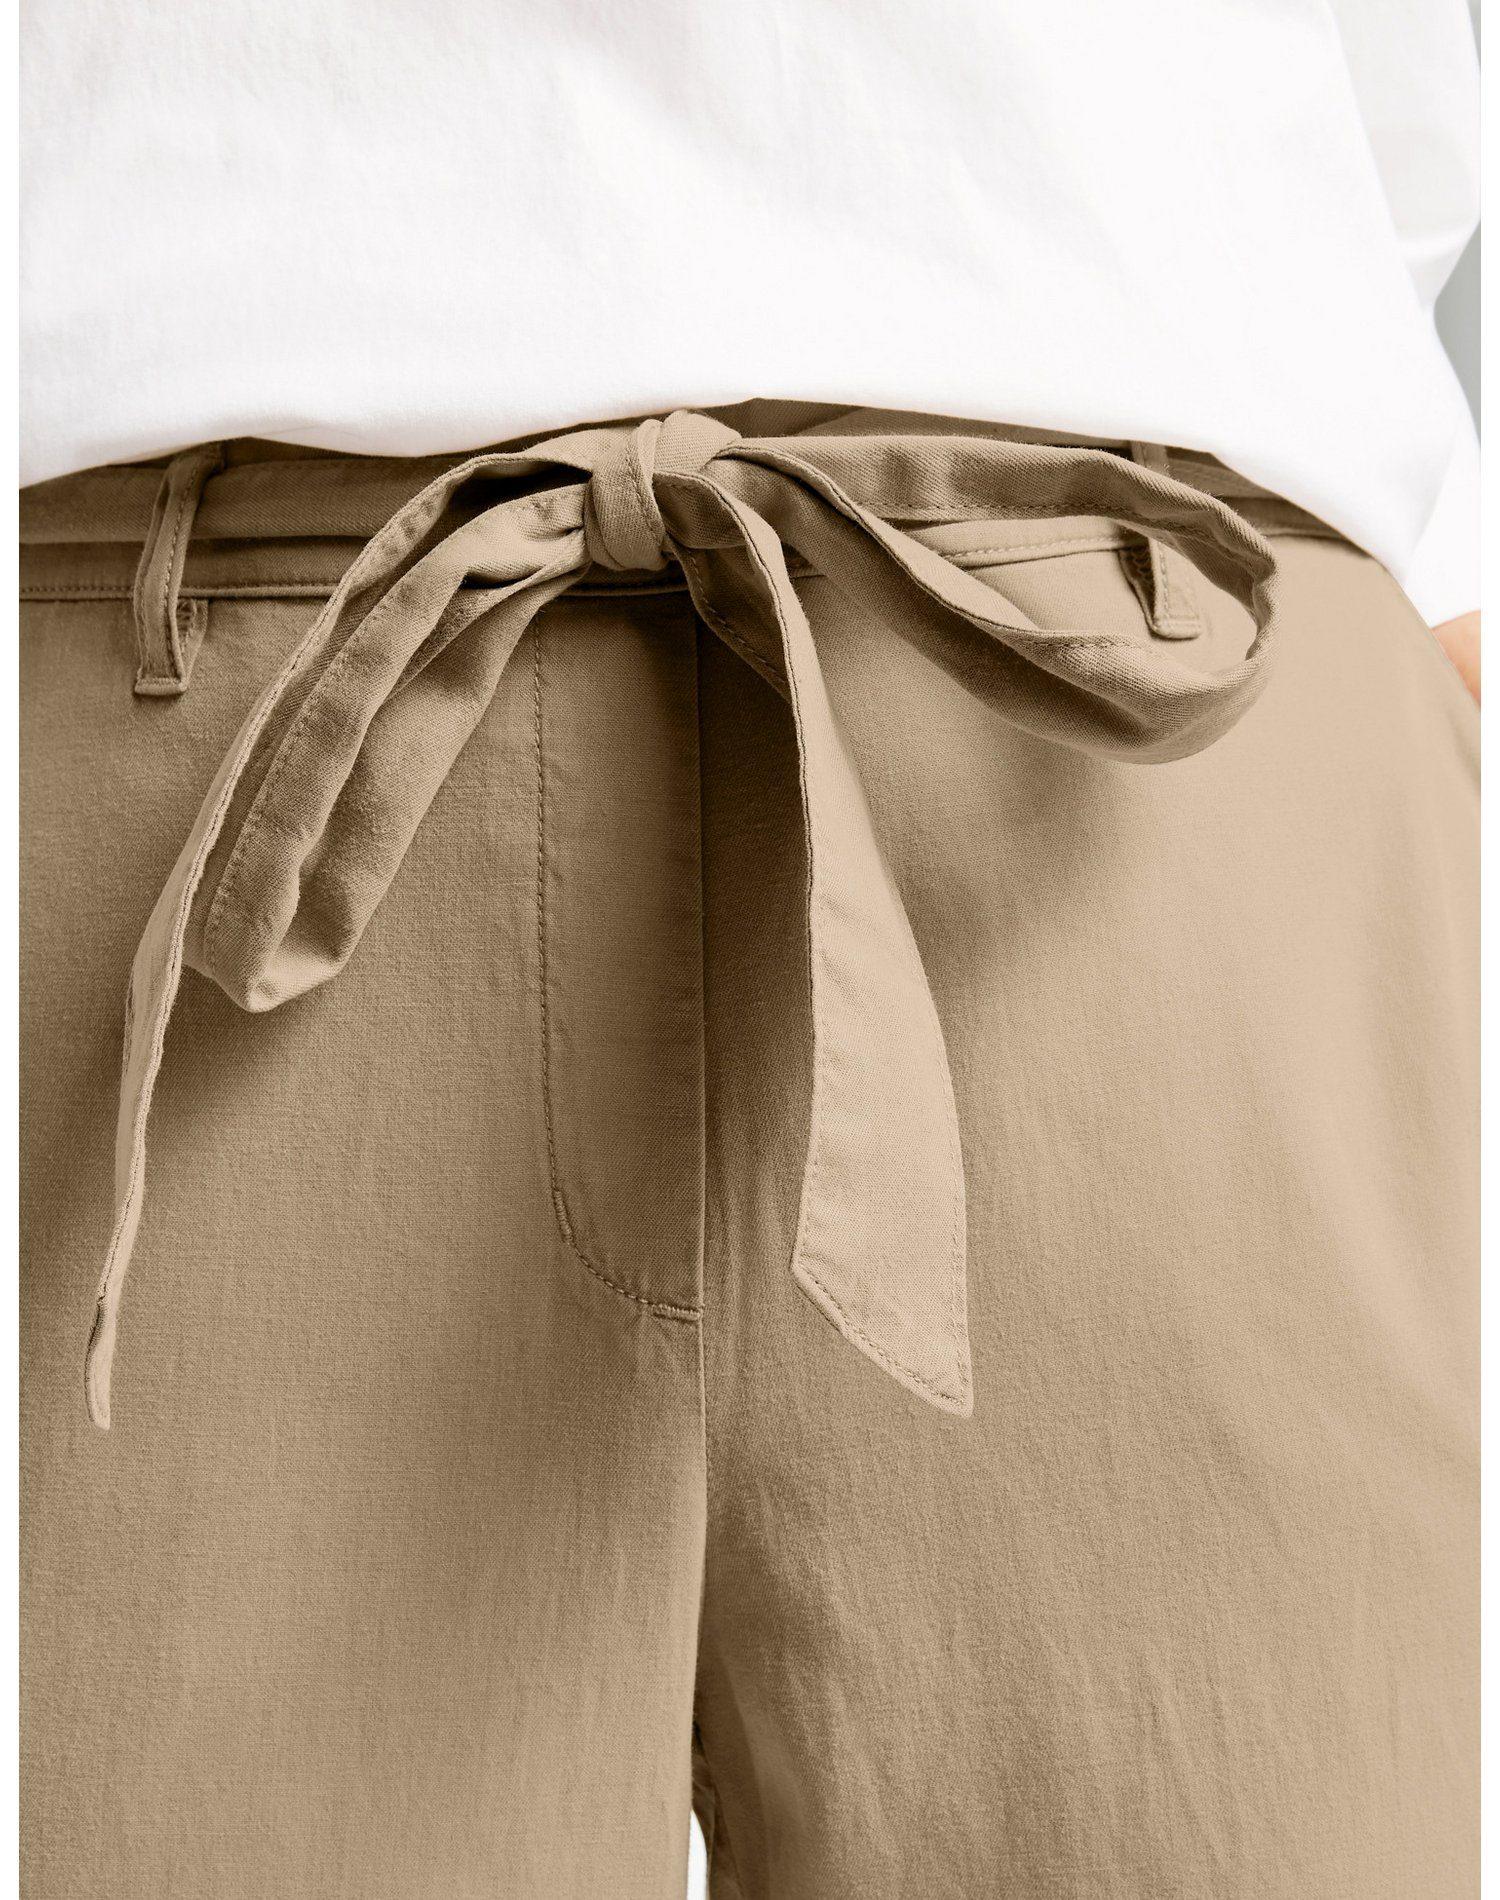 Samoon Korte Vrijetijdsbroek Paperbag-hose Mia Online Bestellen - Geweldige Prijs